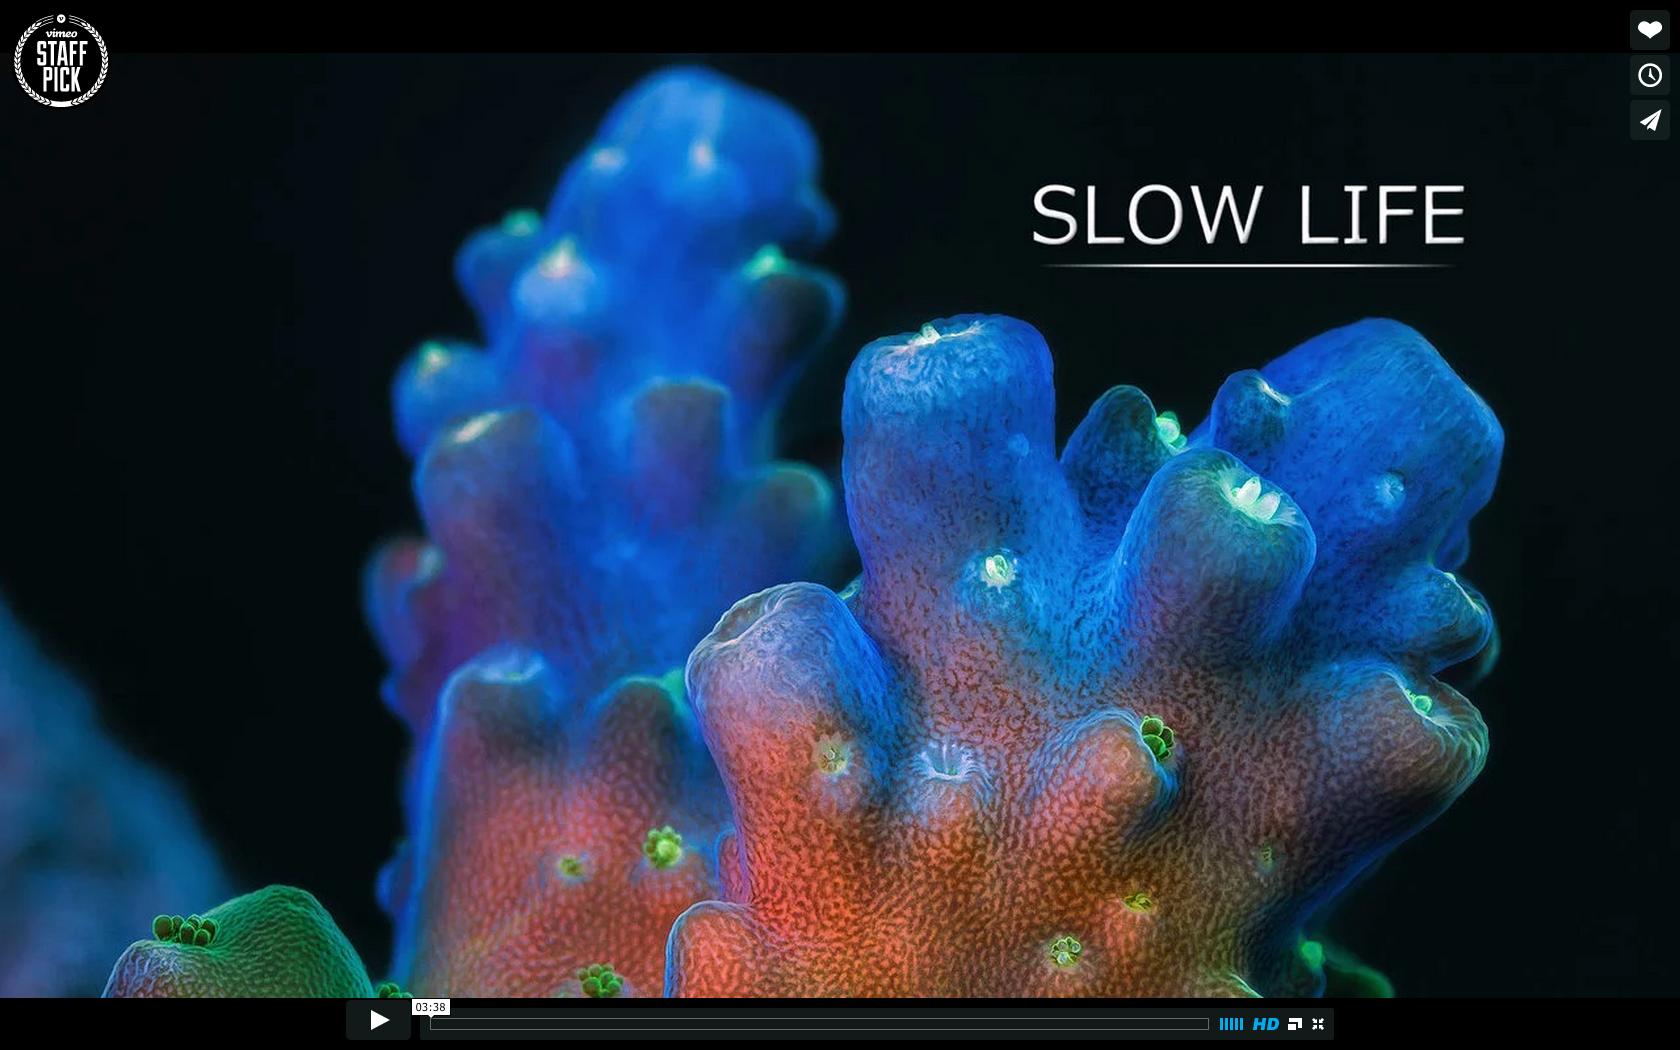 Slow life un film timelapse marin sur le corail